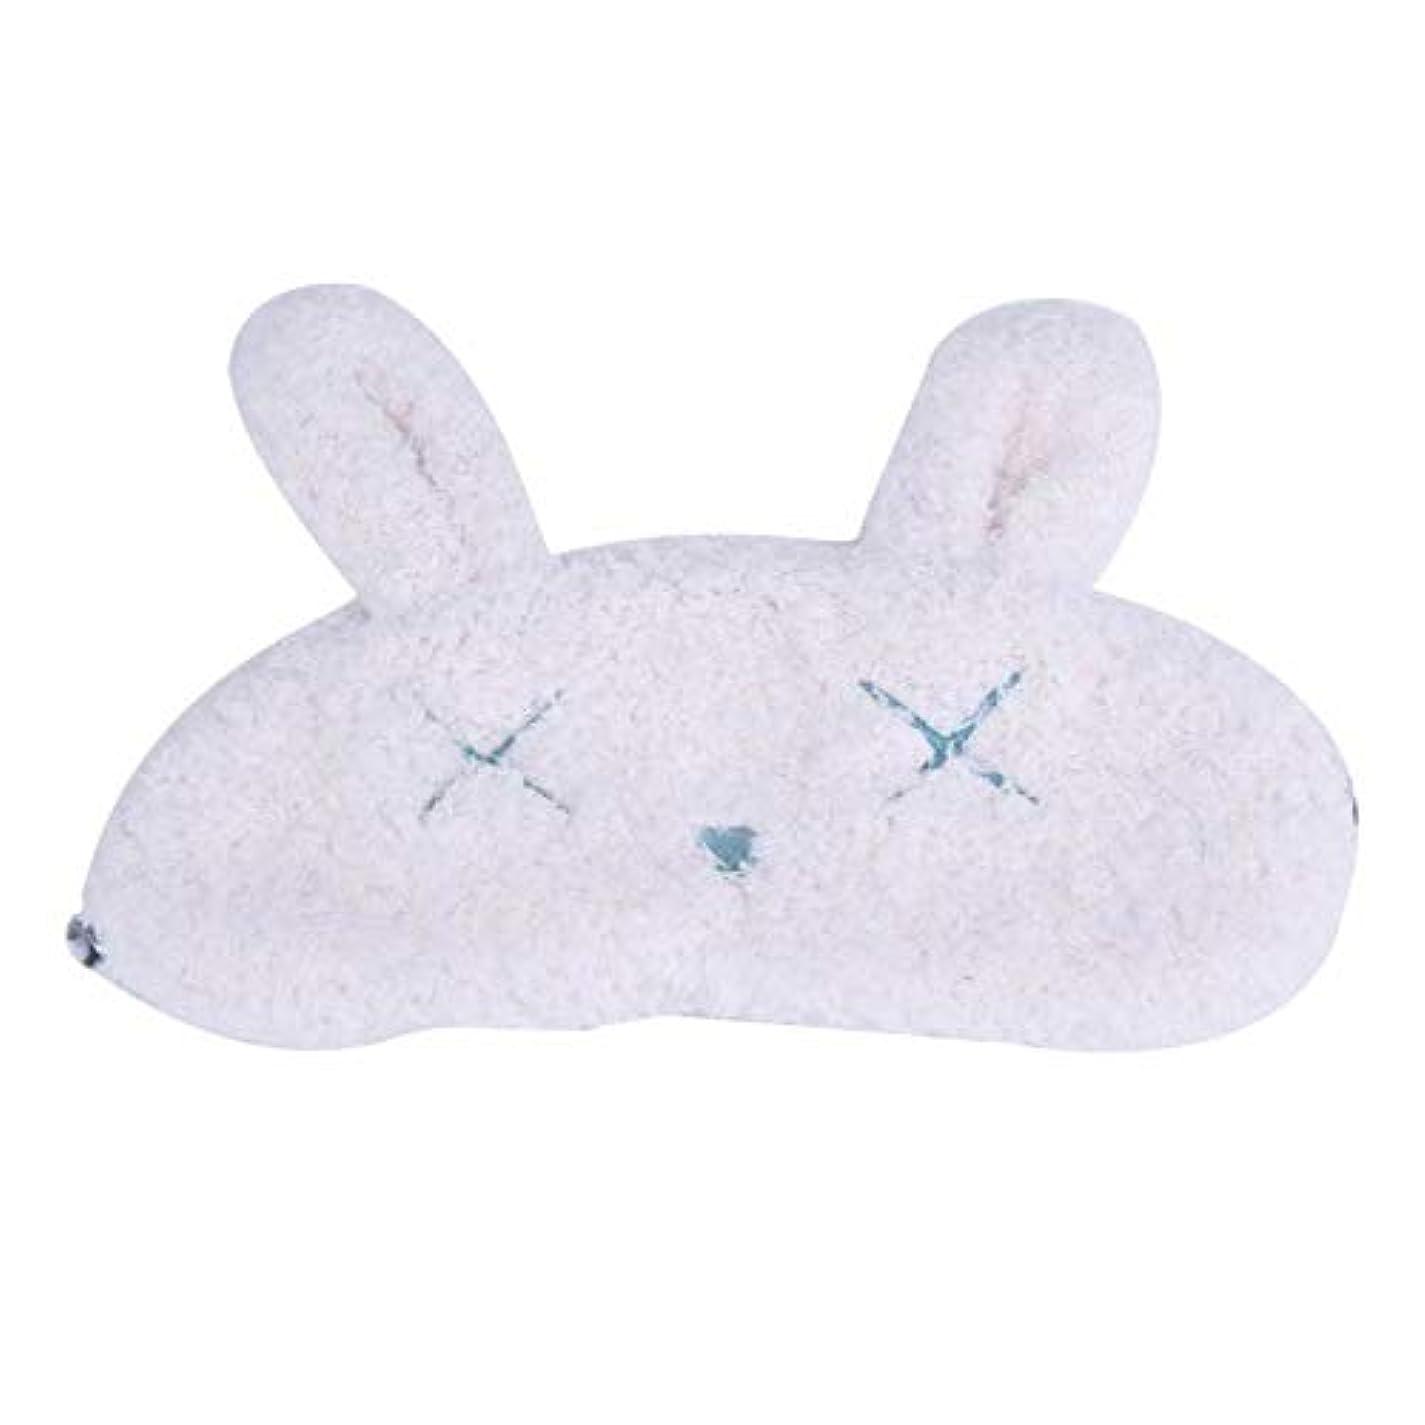 白鳥安全な有名人NOTE アイカバー睡眠マスクアイパッチ旅行目隠しシールド睡眠補助用品睡眠ケア